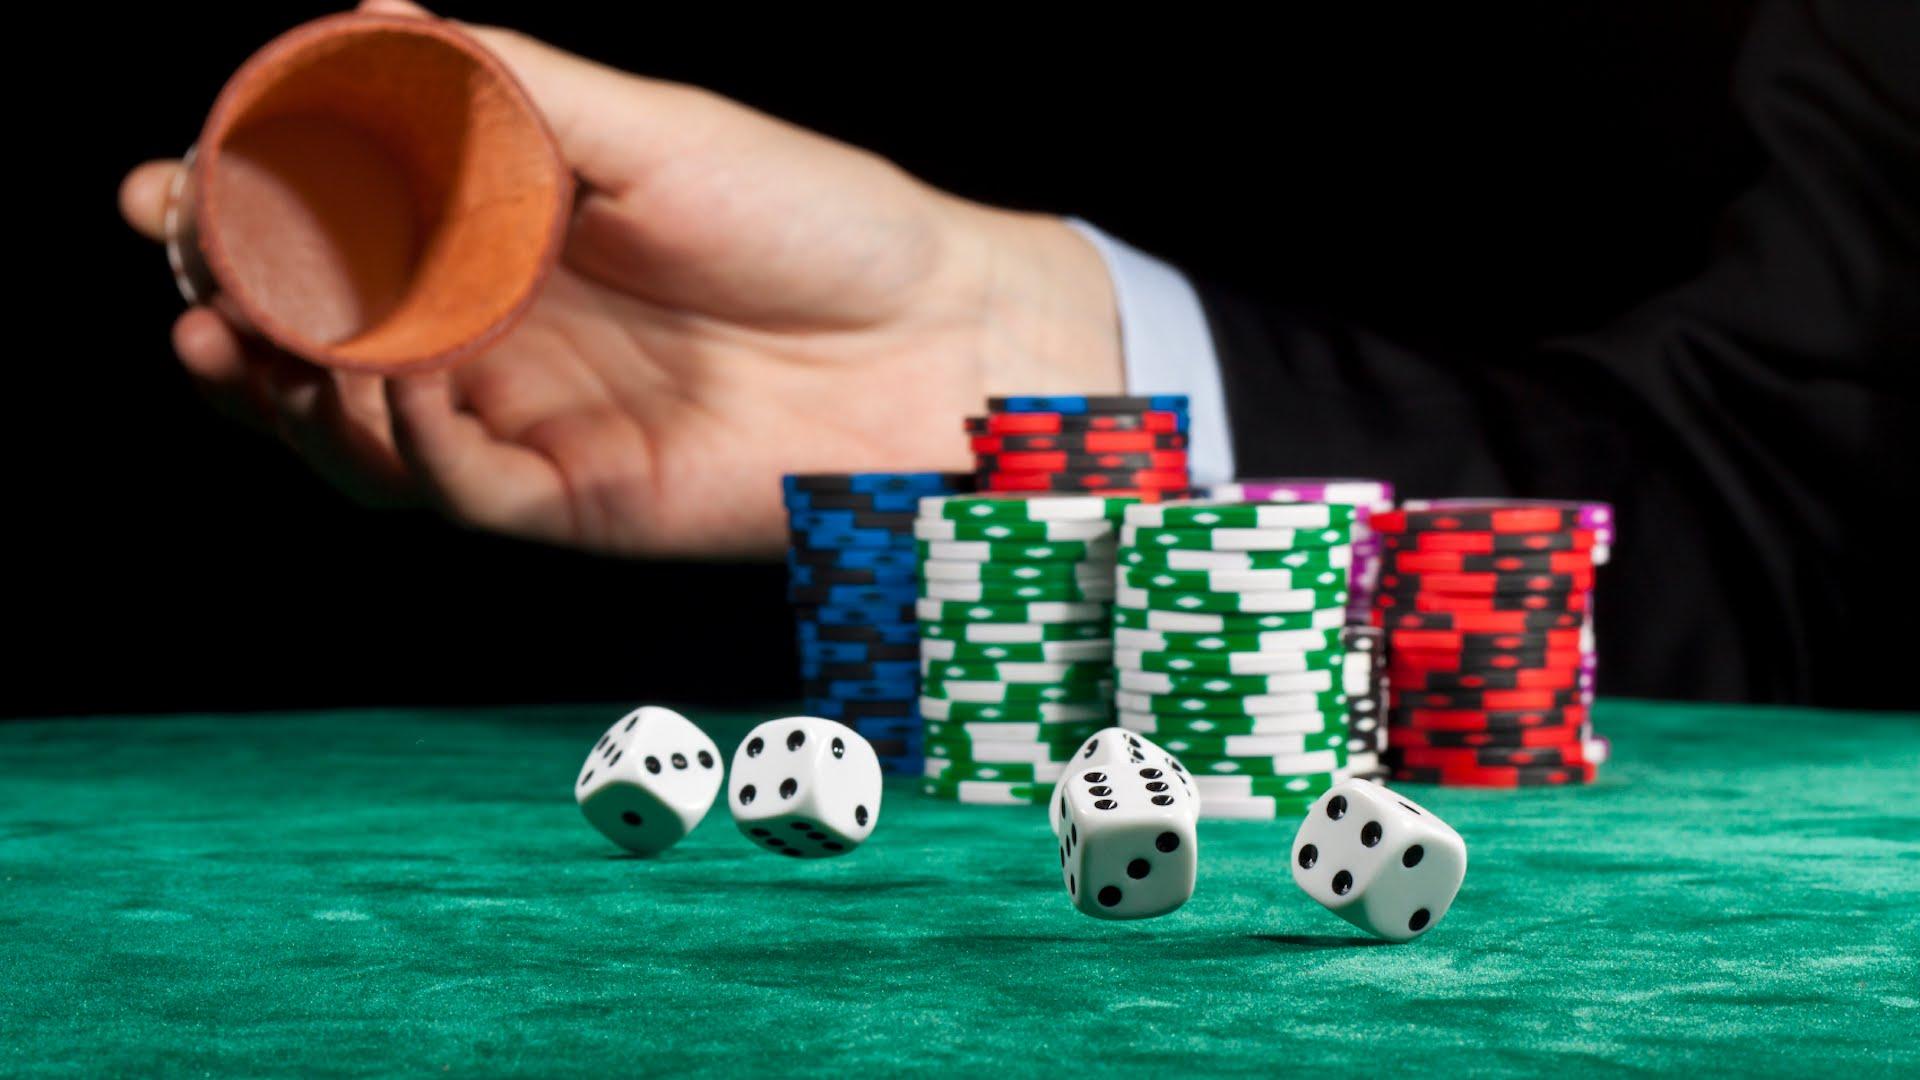 кубик из казино